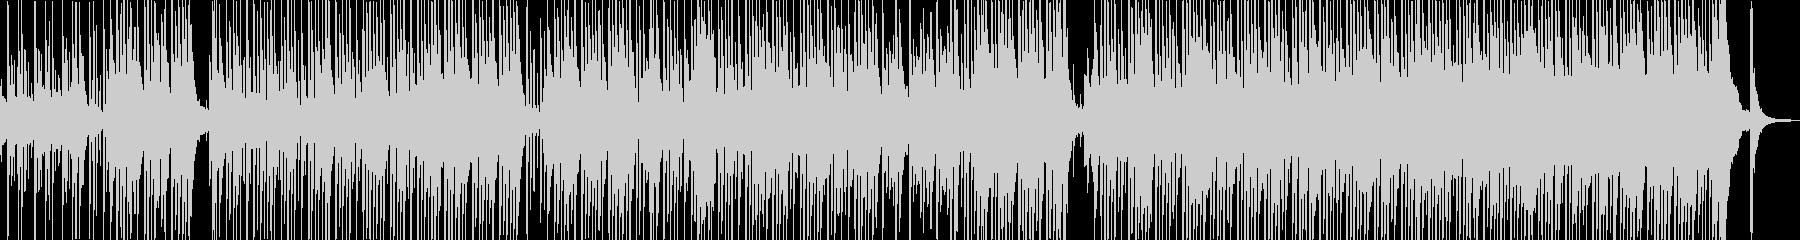 元気づける 滑稽 レトロ  音楽の未再生の波形